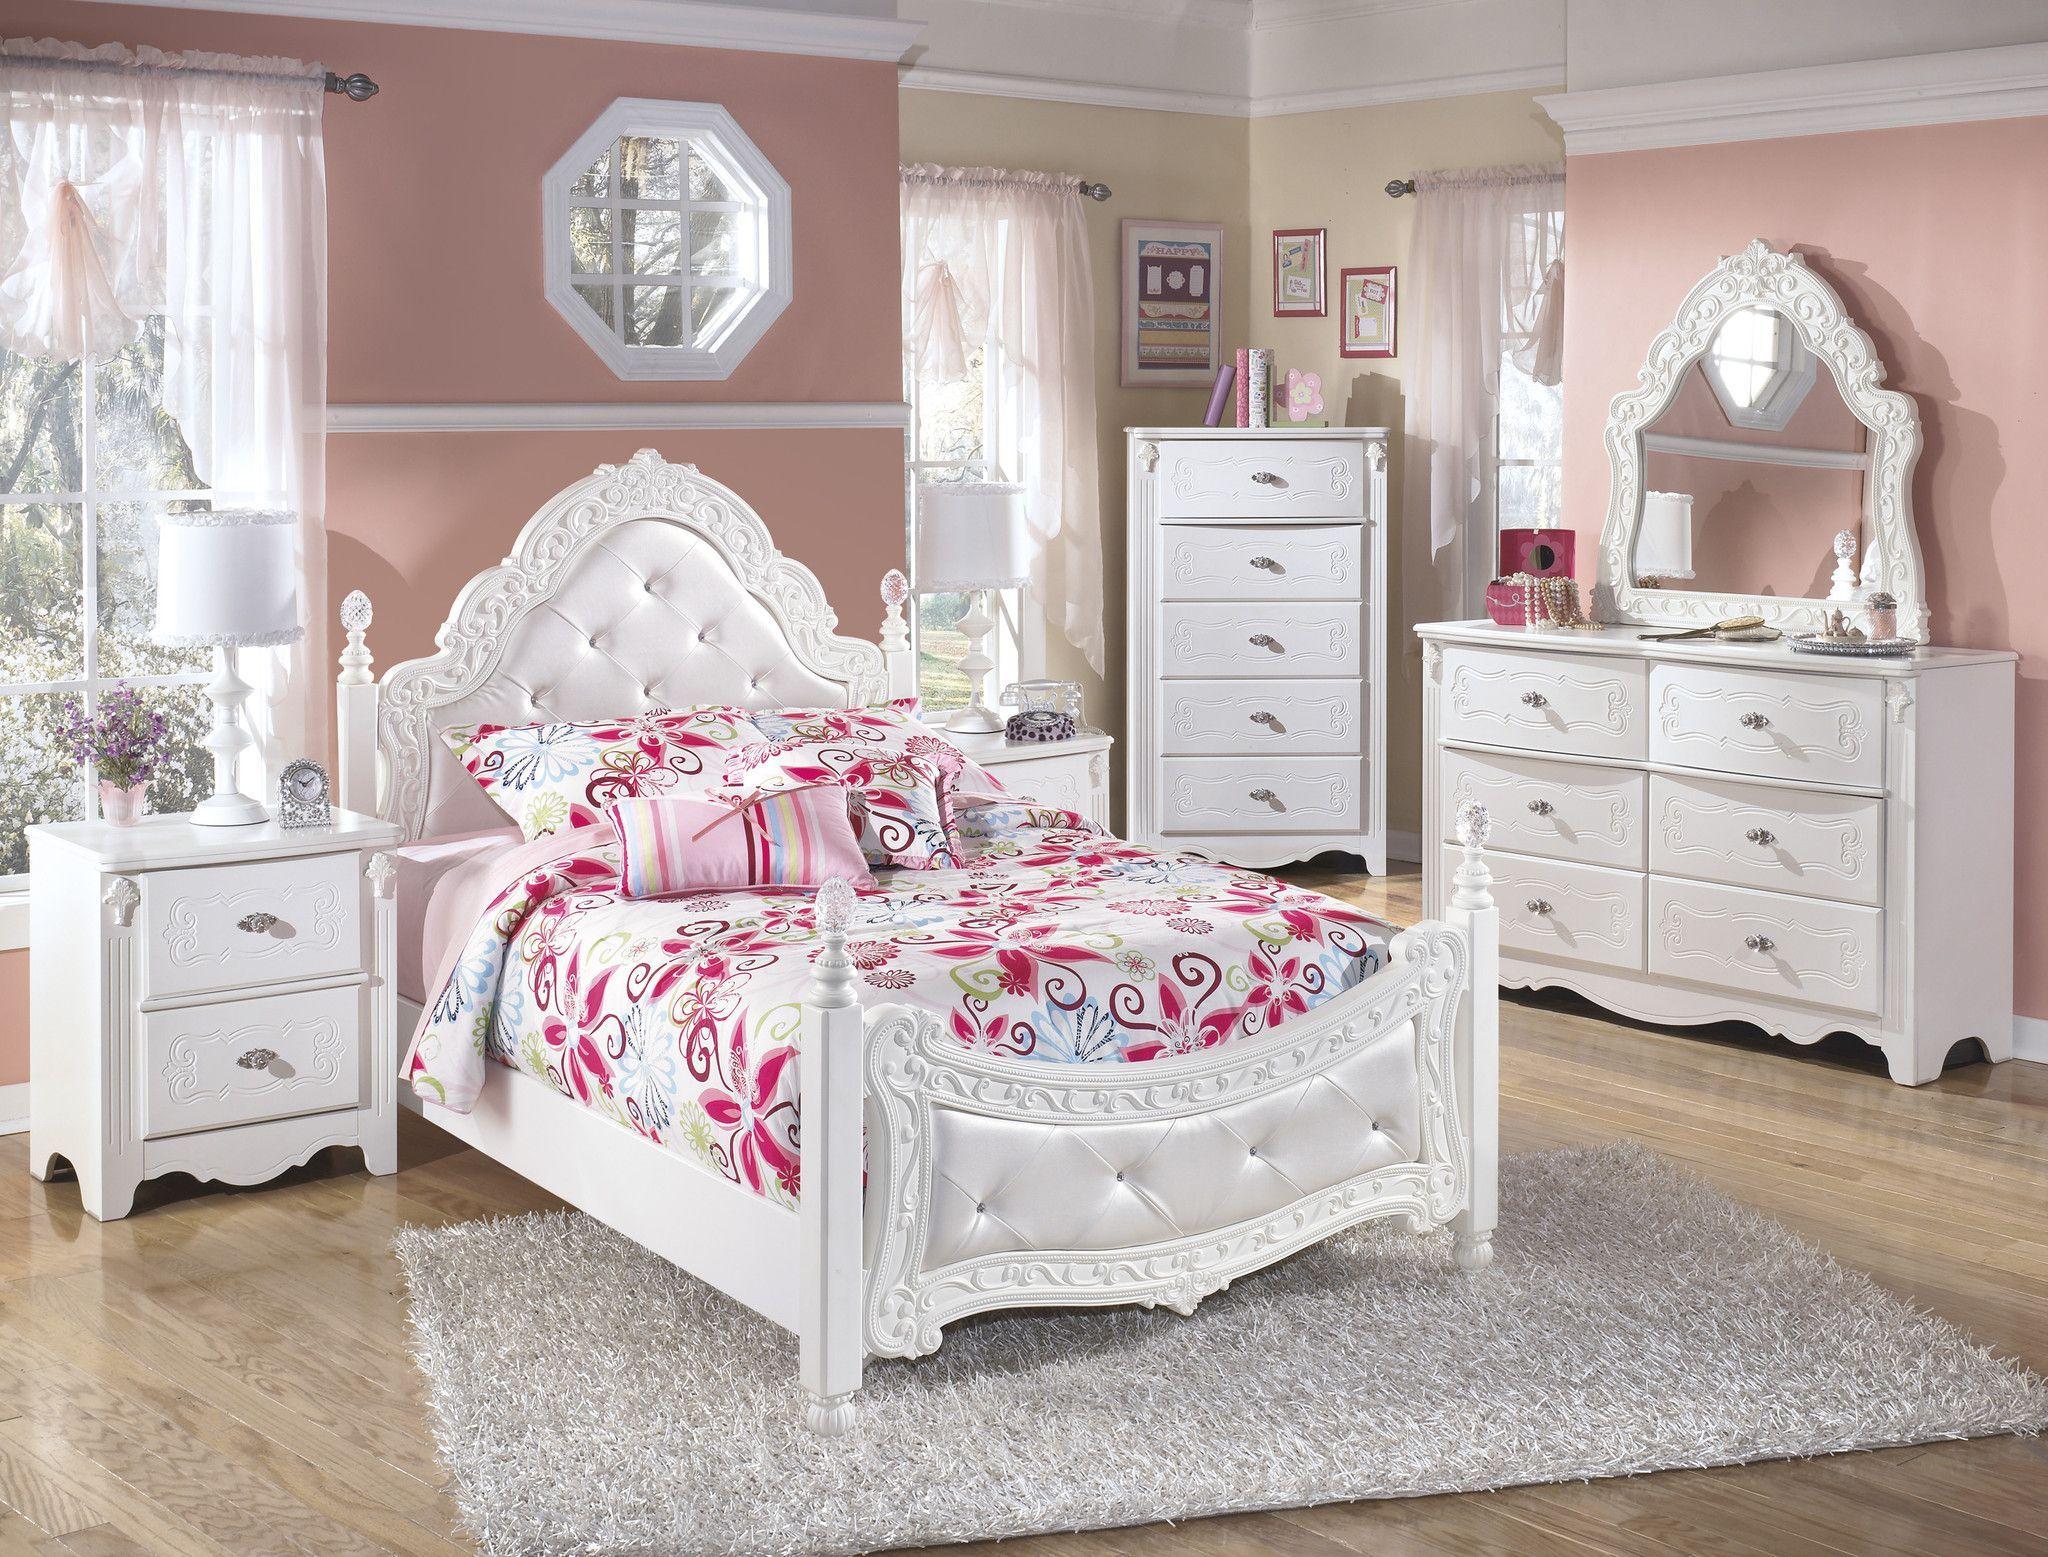 4 Piece Bayliss Bedroom Set Girls Bedroom Sets Kids Bedroom